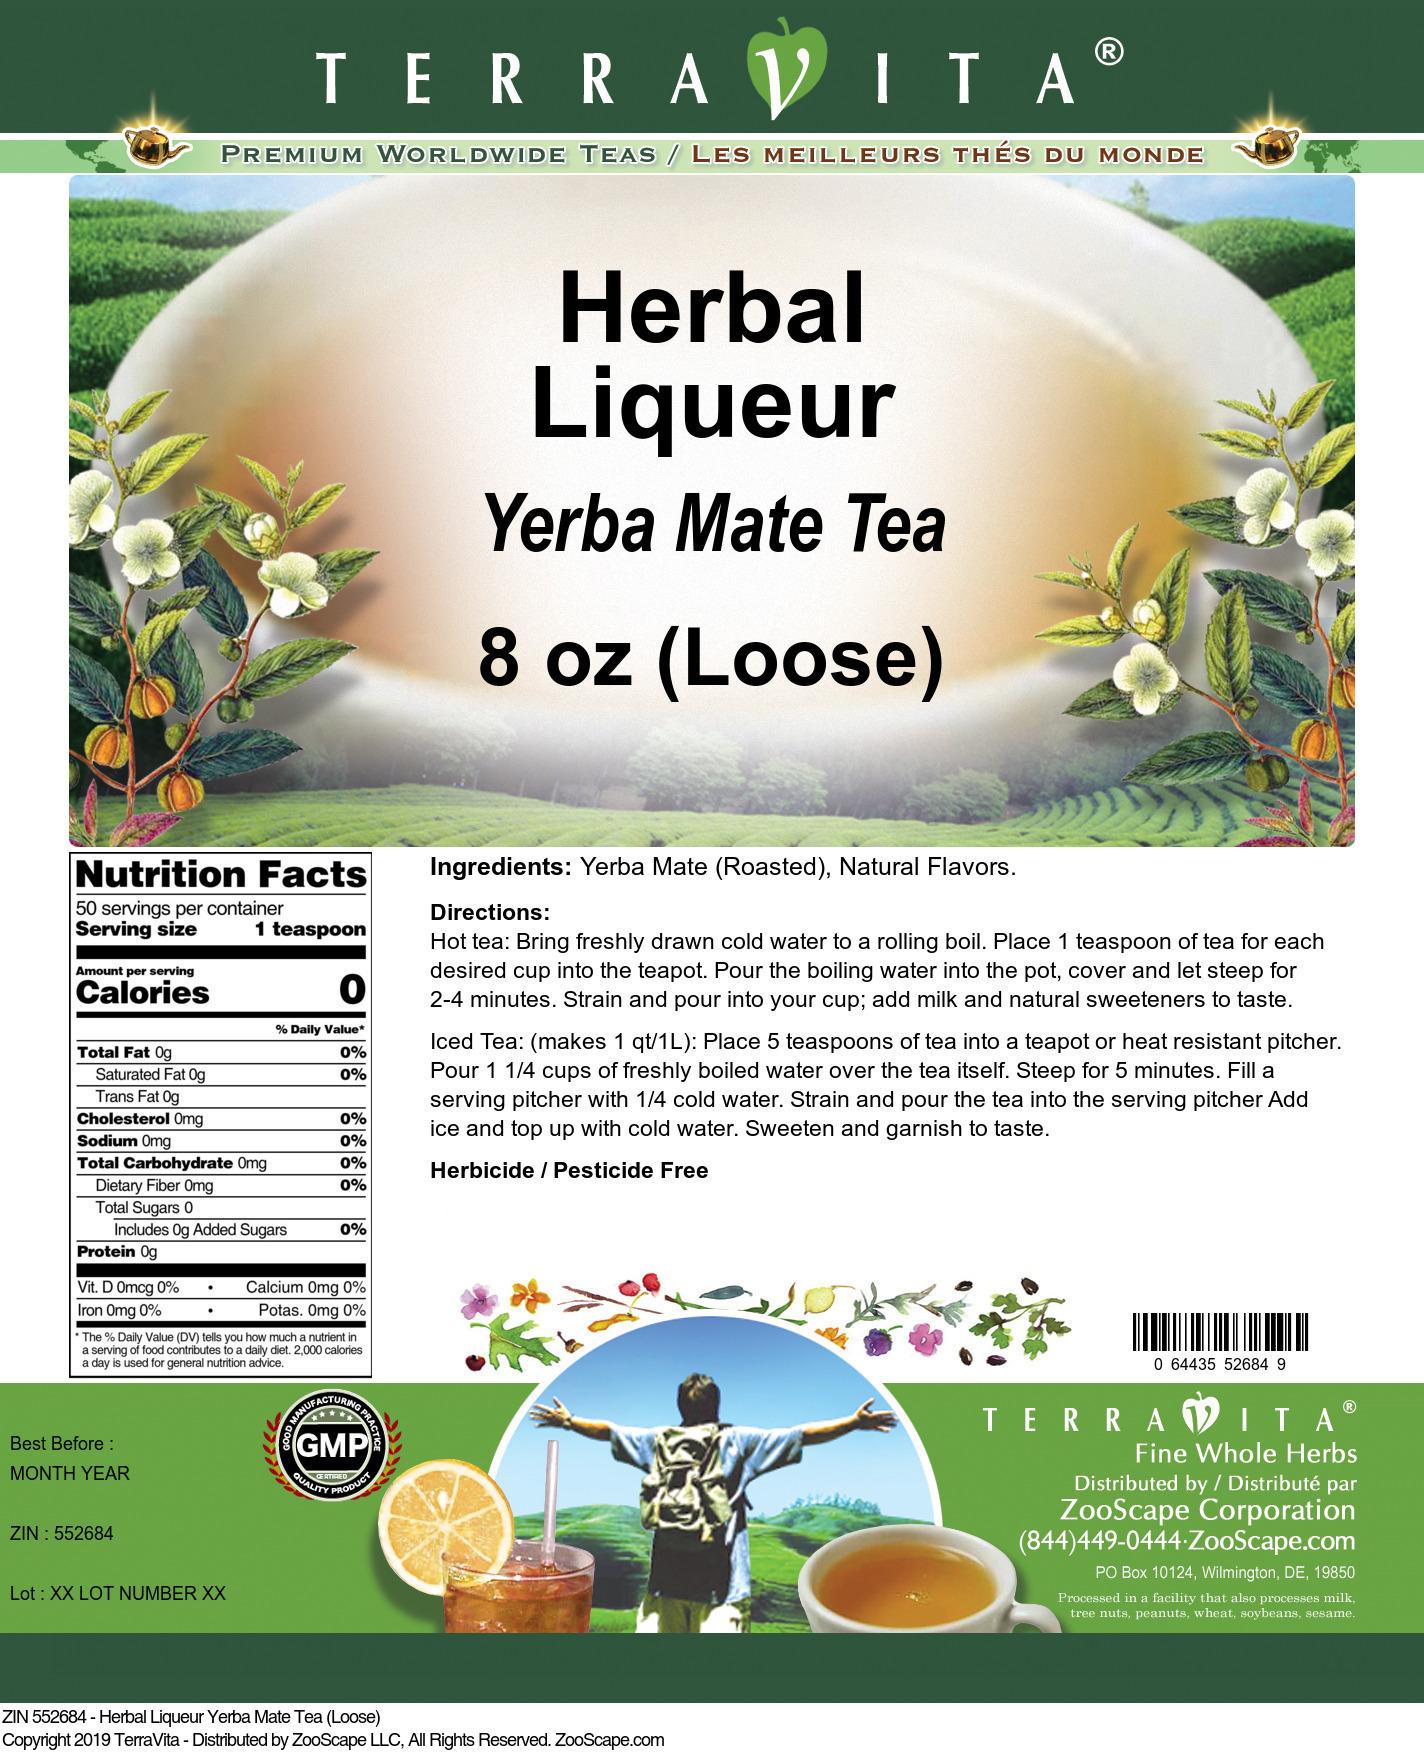 Herbal Liqueur Yerba Mate